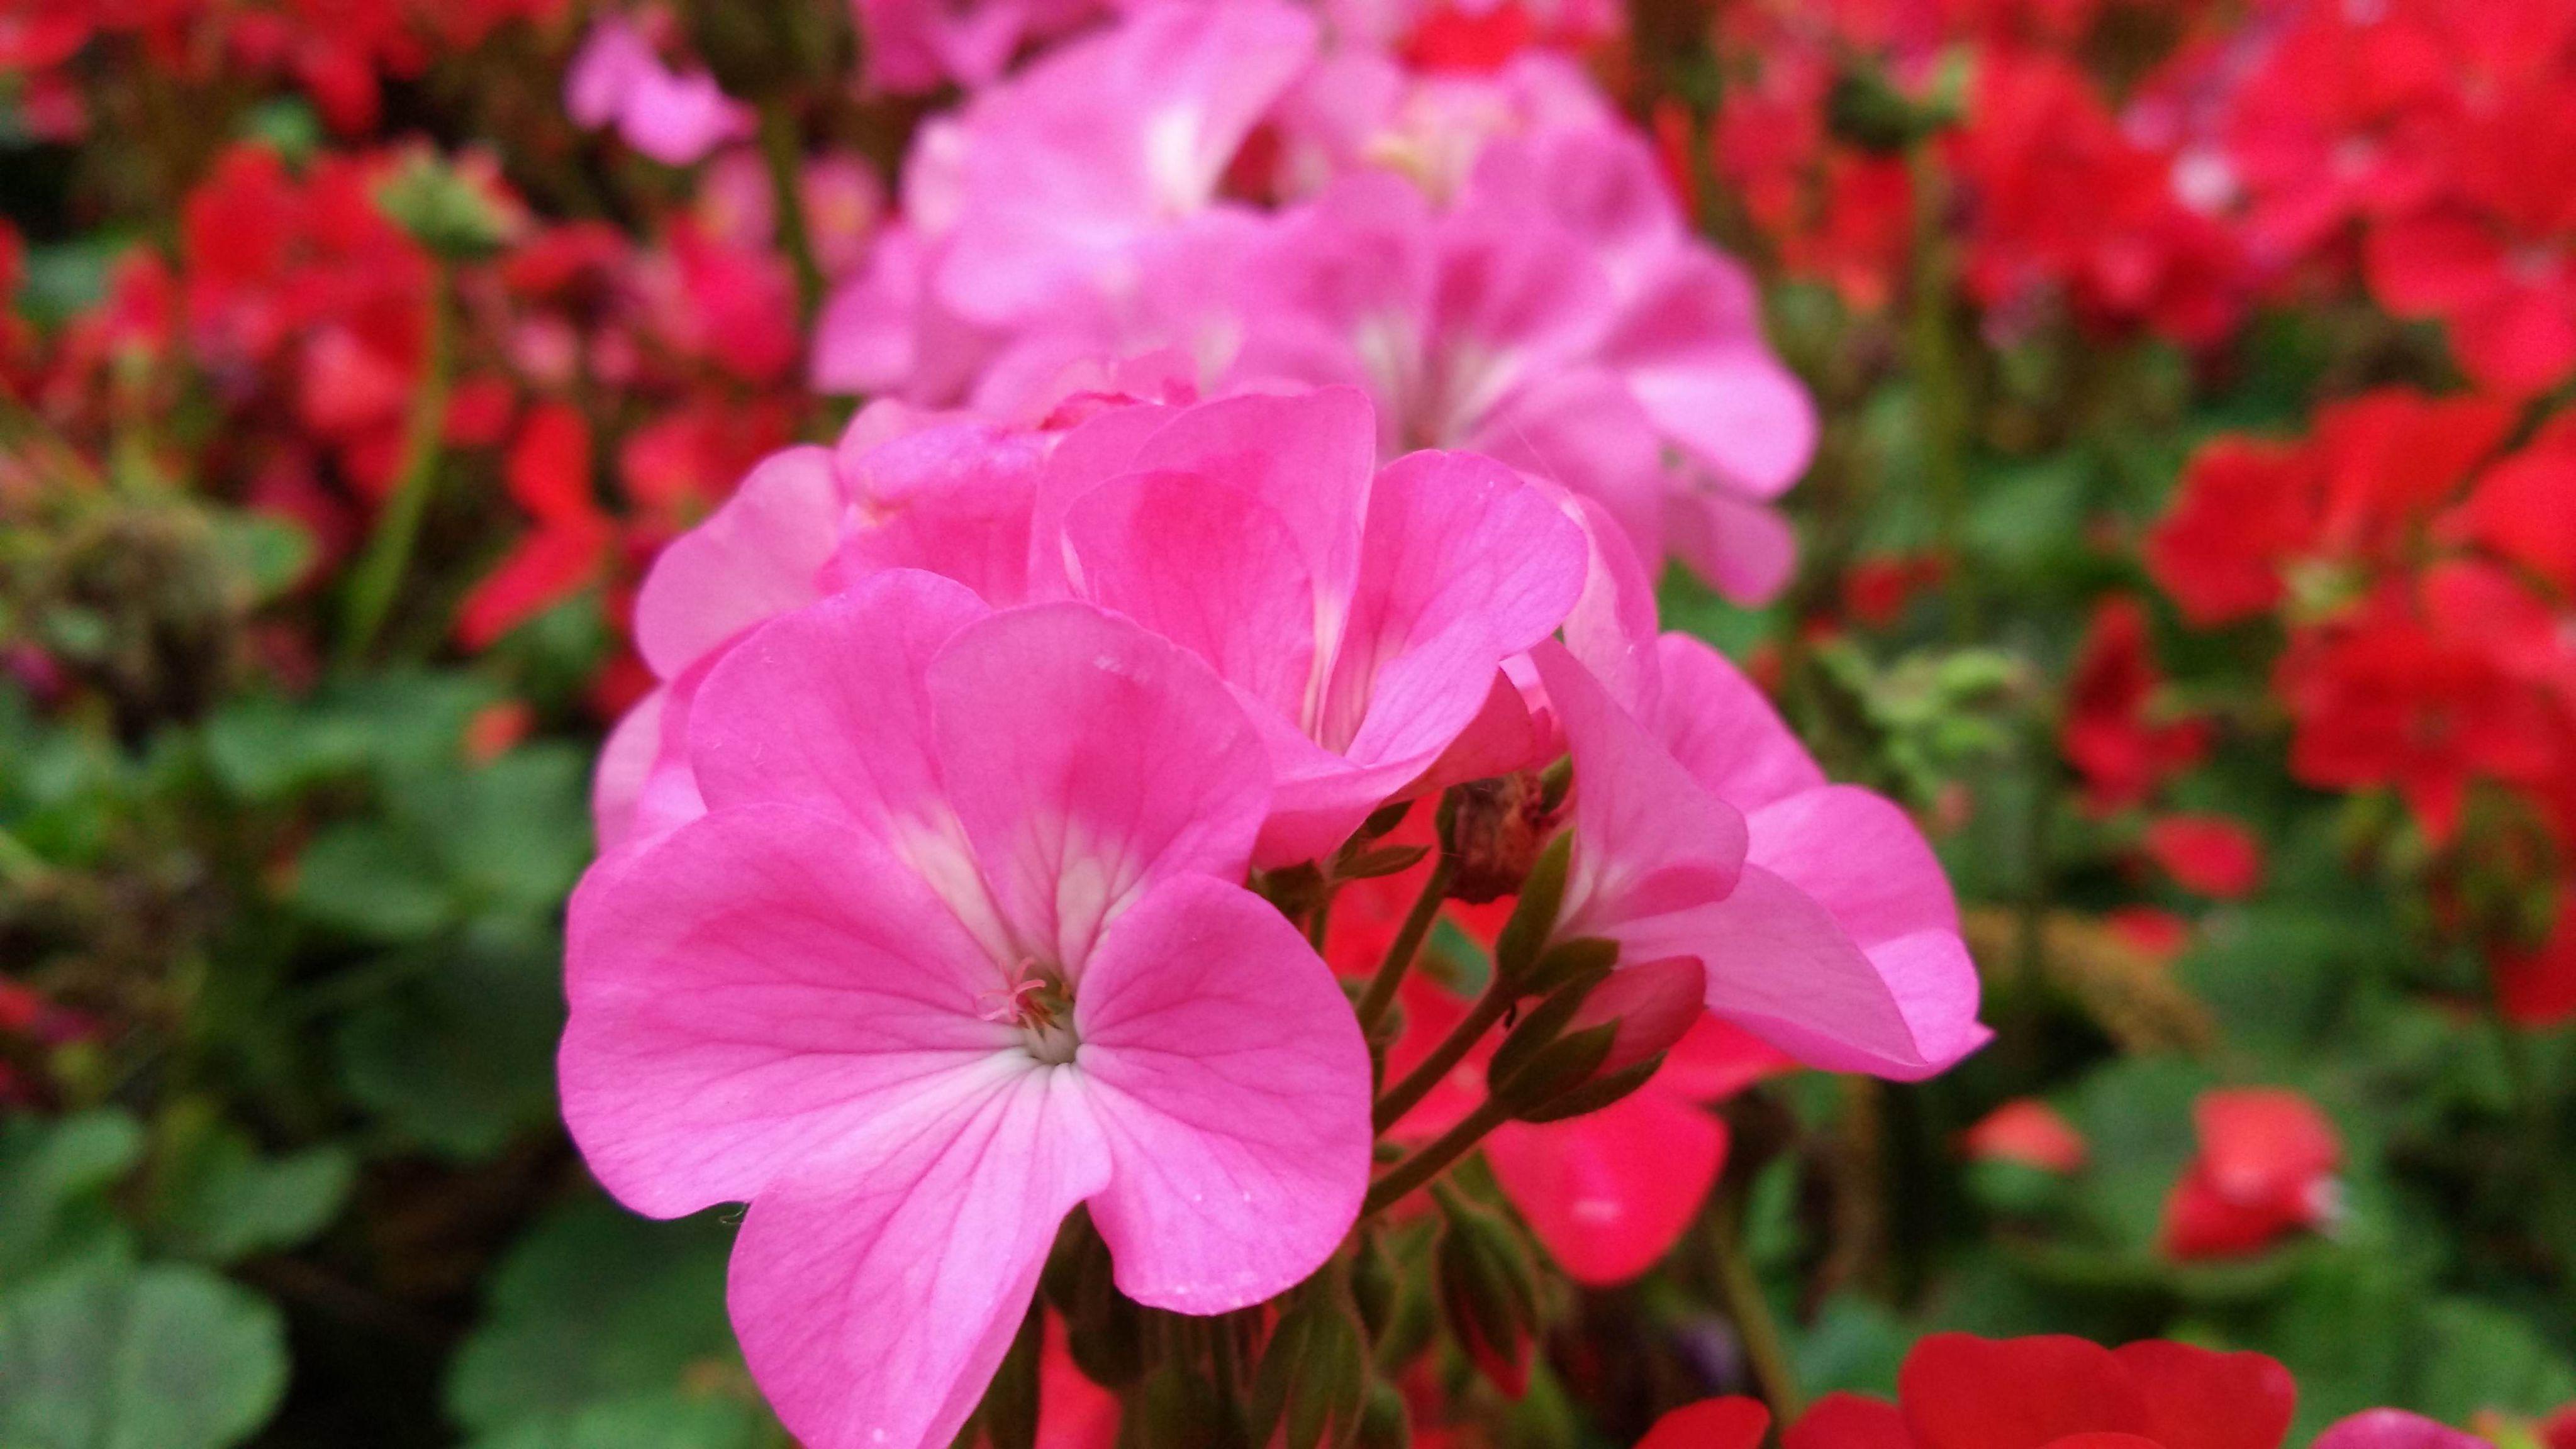 告诉我一些花的名字和它包含的含义 花语